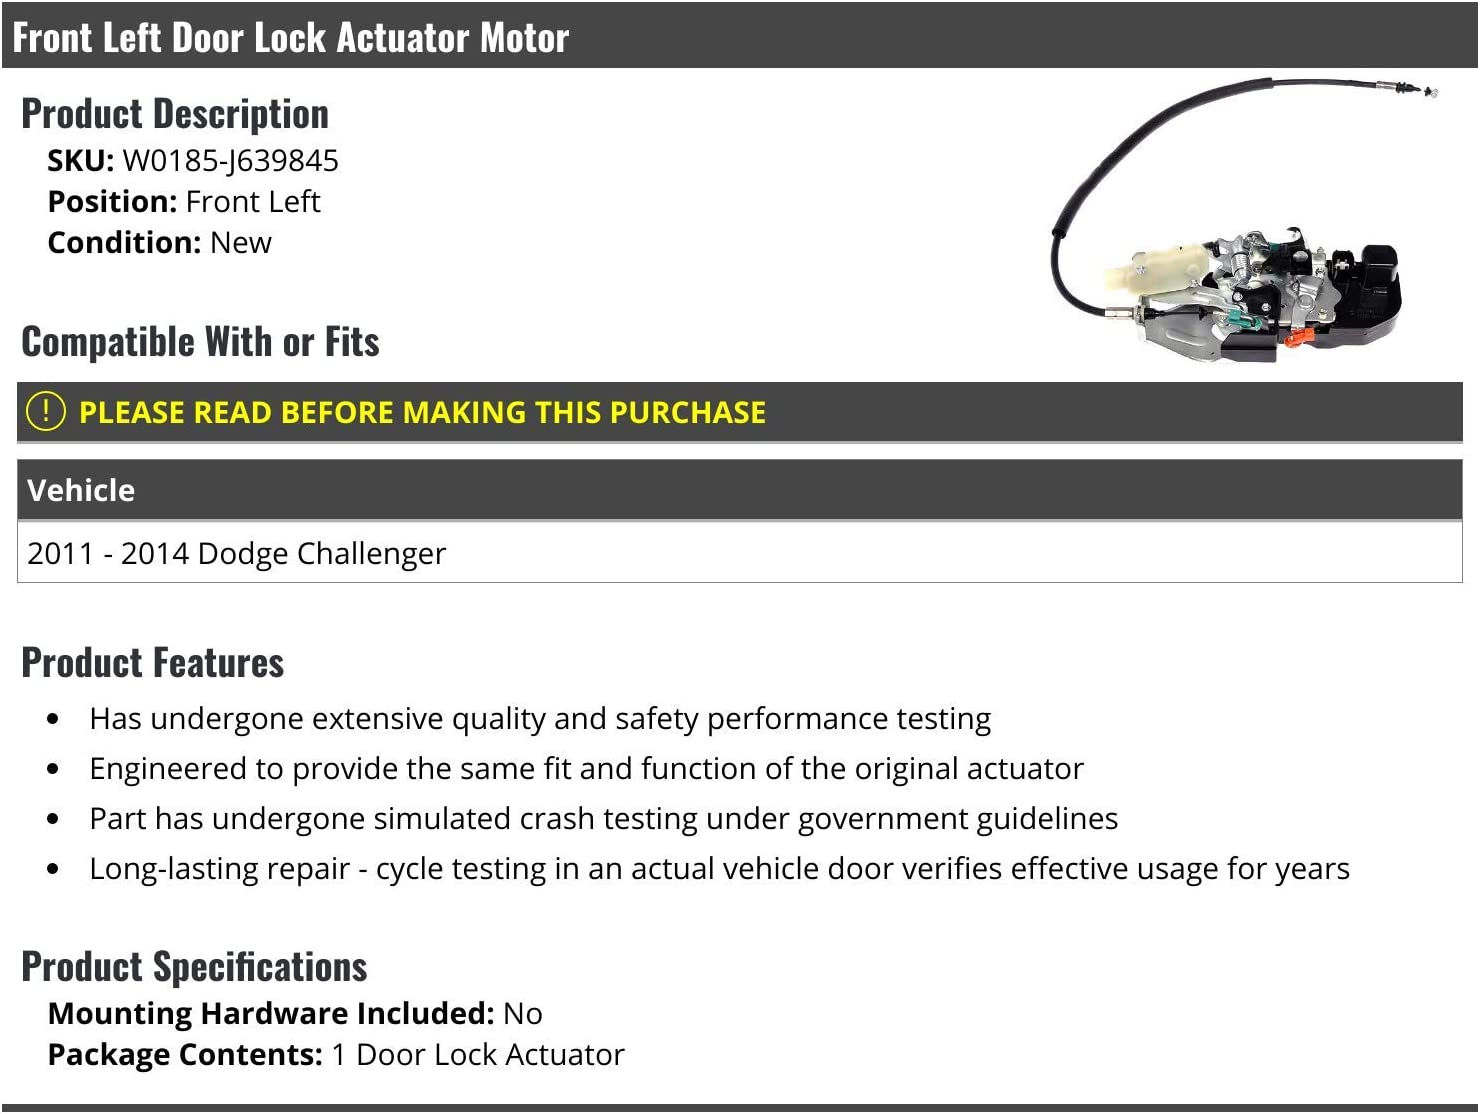 Front Left Driver Side Door Lock Actuator Motor Compatible with 2011-2014 Dodge Challenger